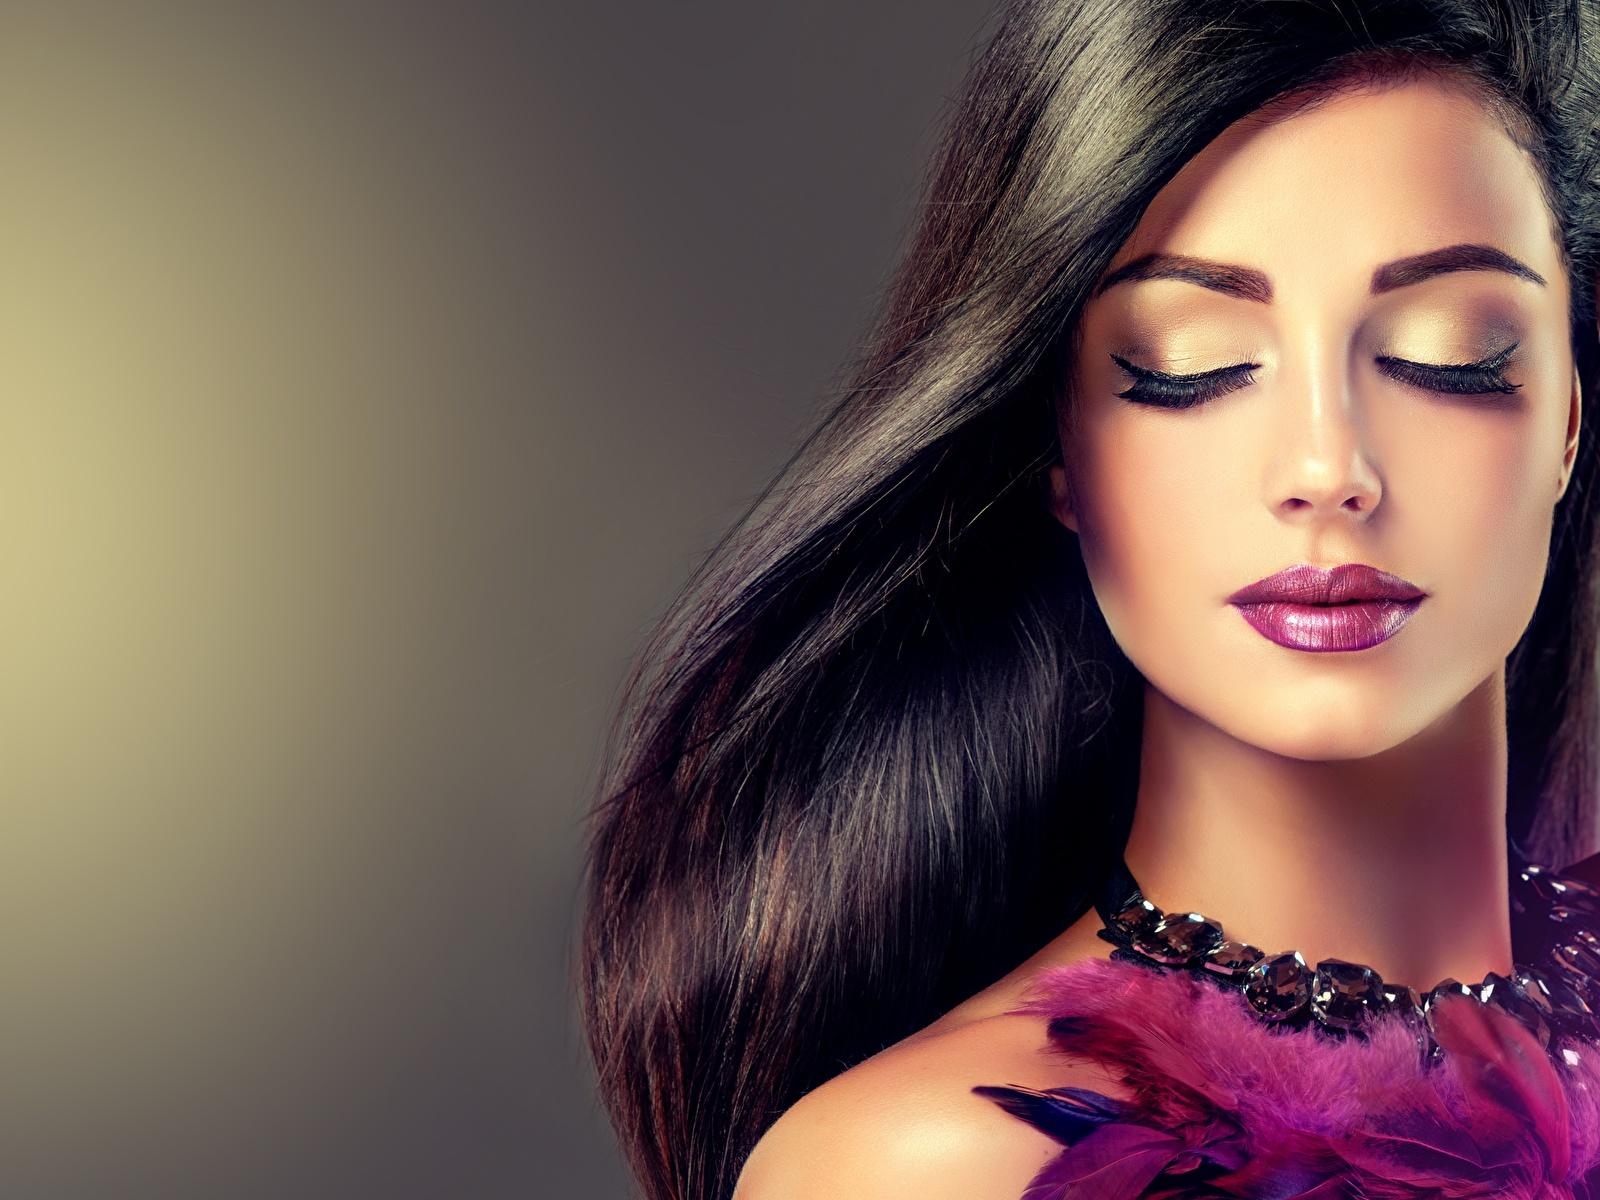 Fondos De Pantalla 1600x1200 Maquillaje Cara Pelo Hermoso